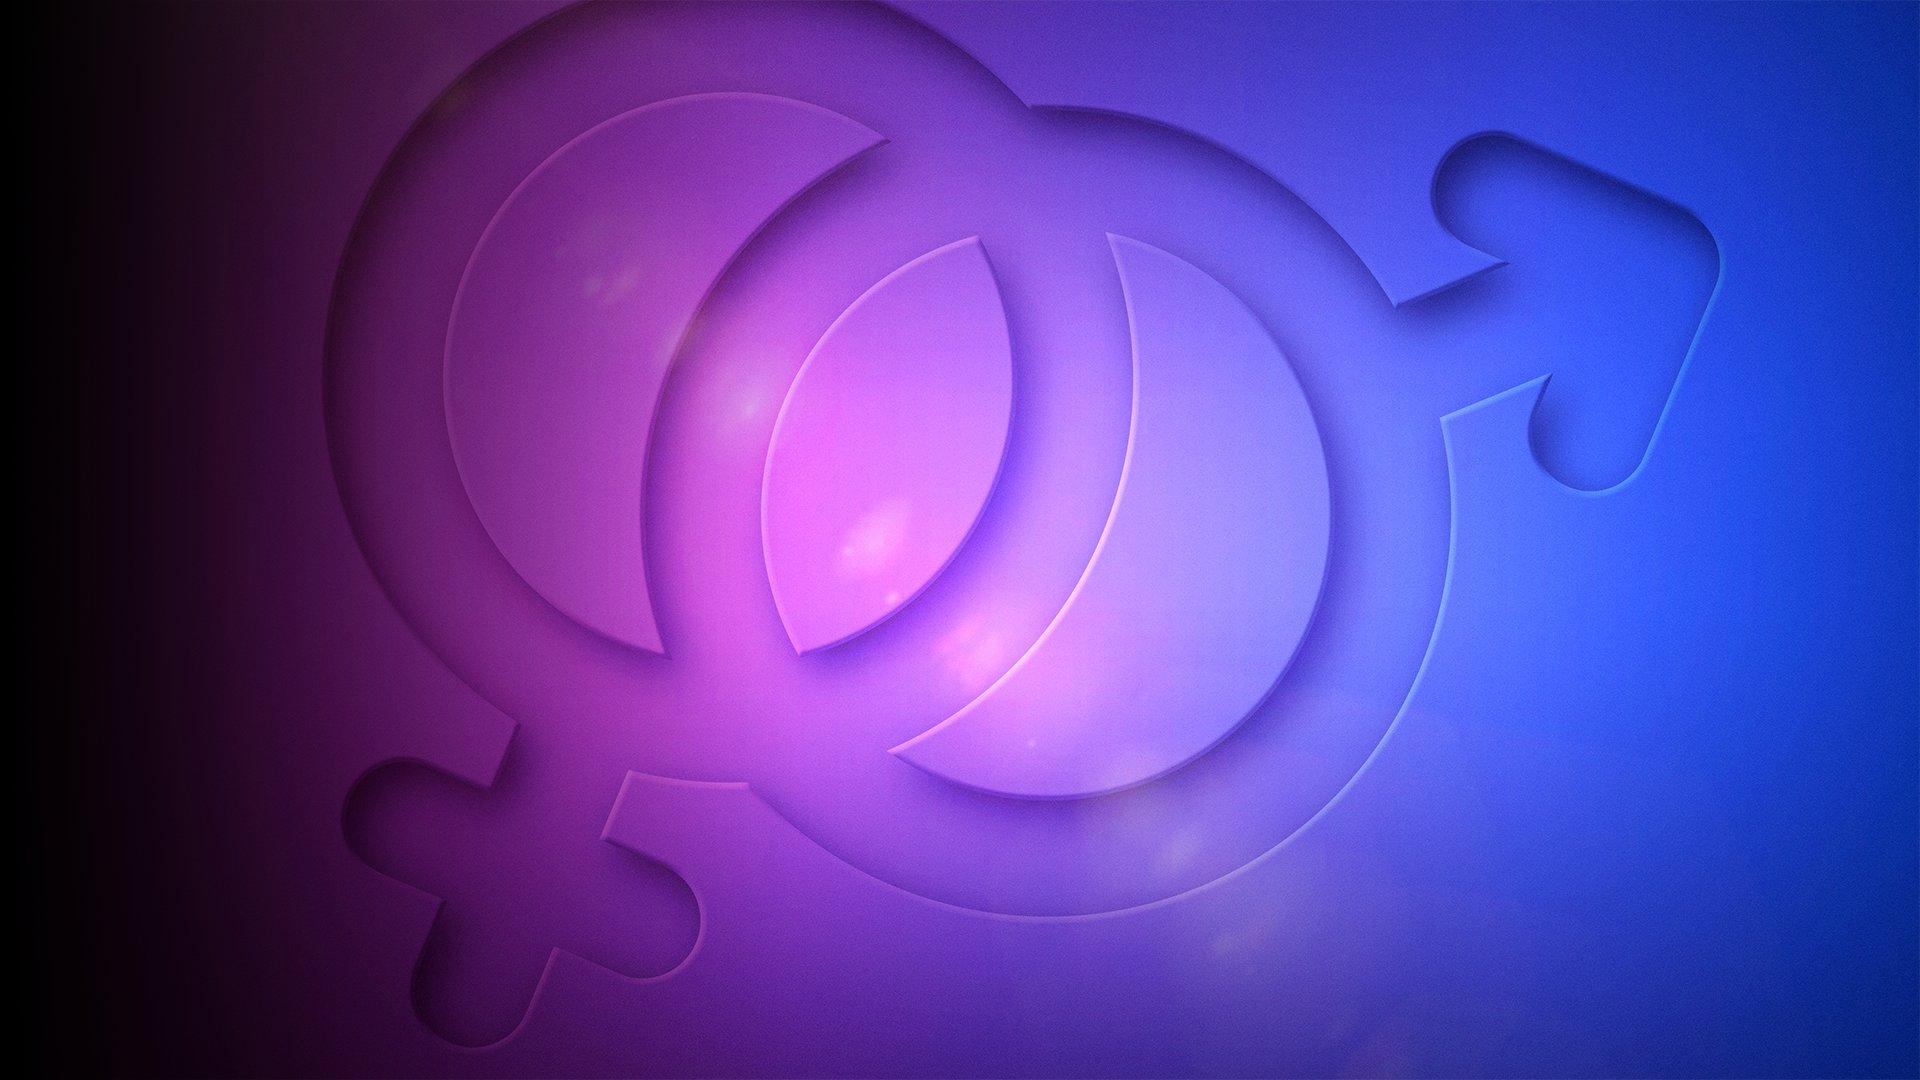 fond Martin Weill - La révolution du genre